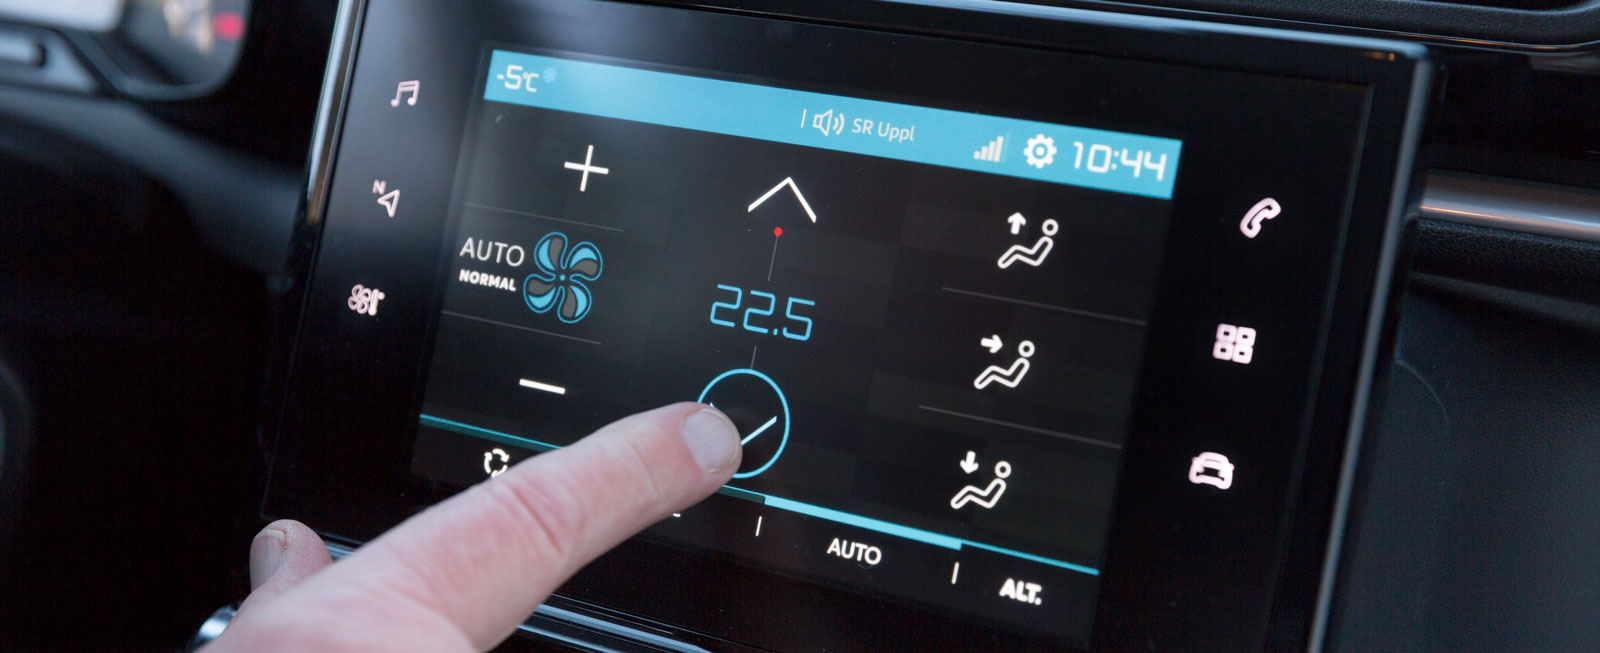 C3-systemet är en något enklare variant av det i andra Citroën. Plottriga och inte alltid logiska menyer gör det lätt att trycka fel eller hamna där man inte önskat.